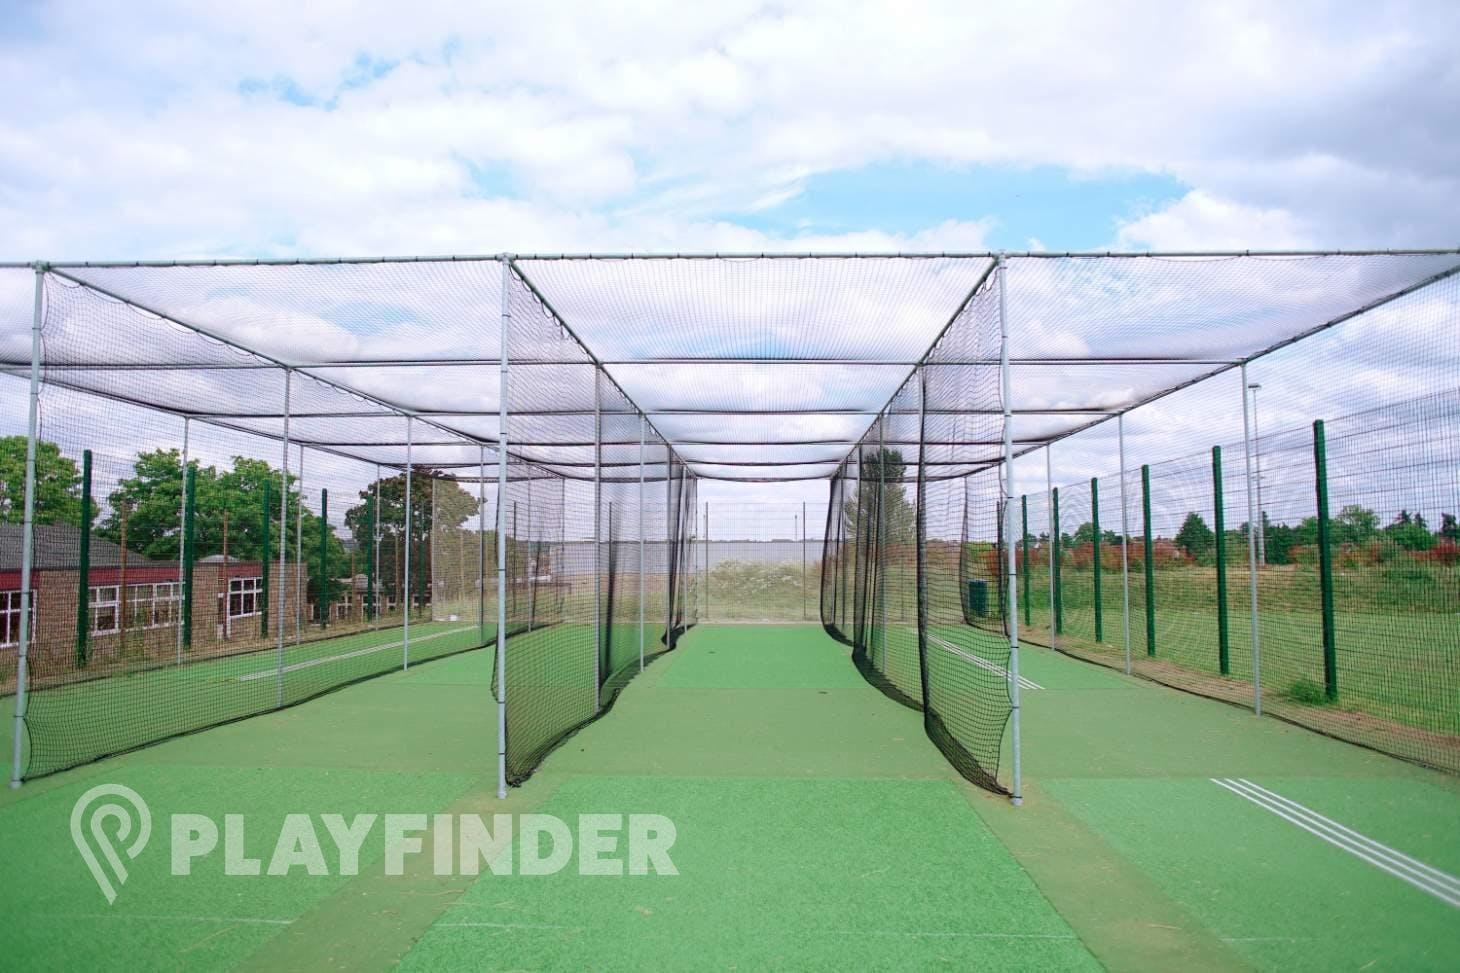 Furze Platt Leisure Centre Nets | Artificial cricket facilities